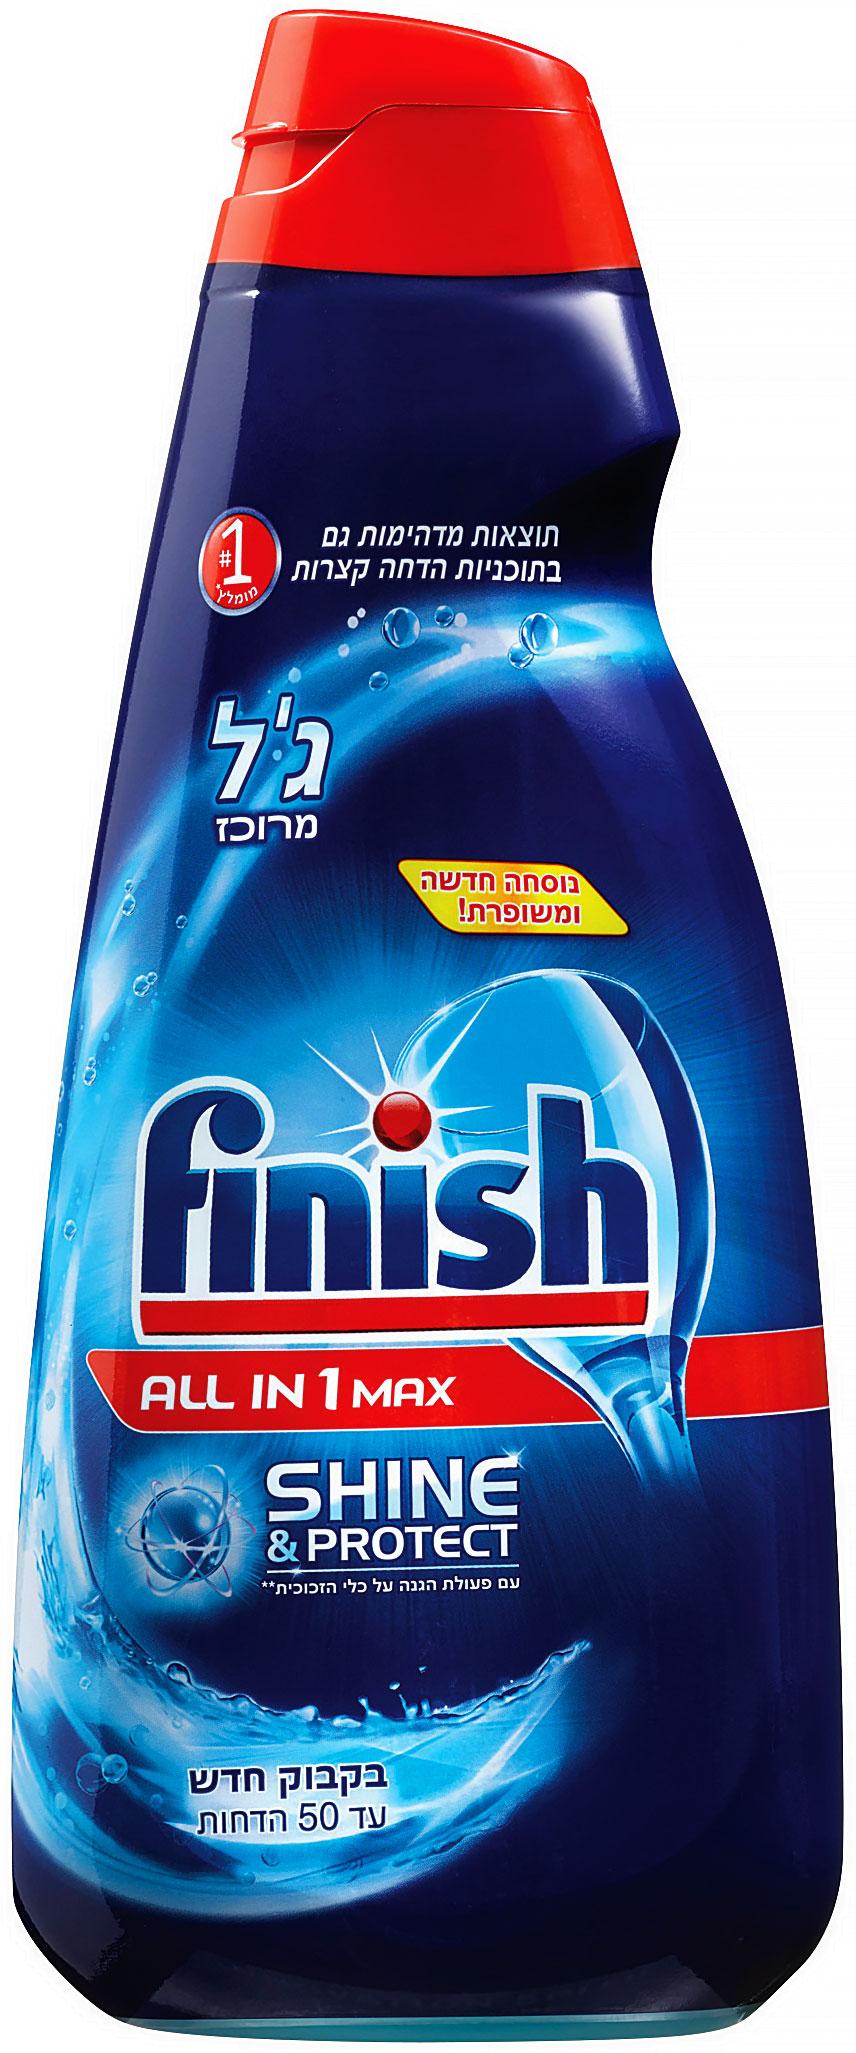 פיניש ג'ל מרוכז למדיח 1 ליטר All in 1 Max Shine & Protect